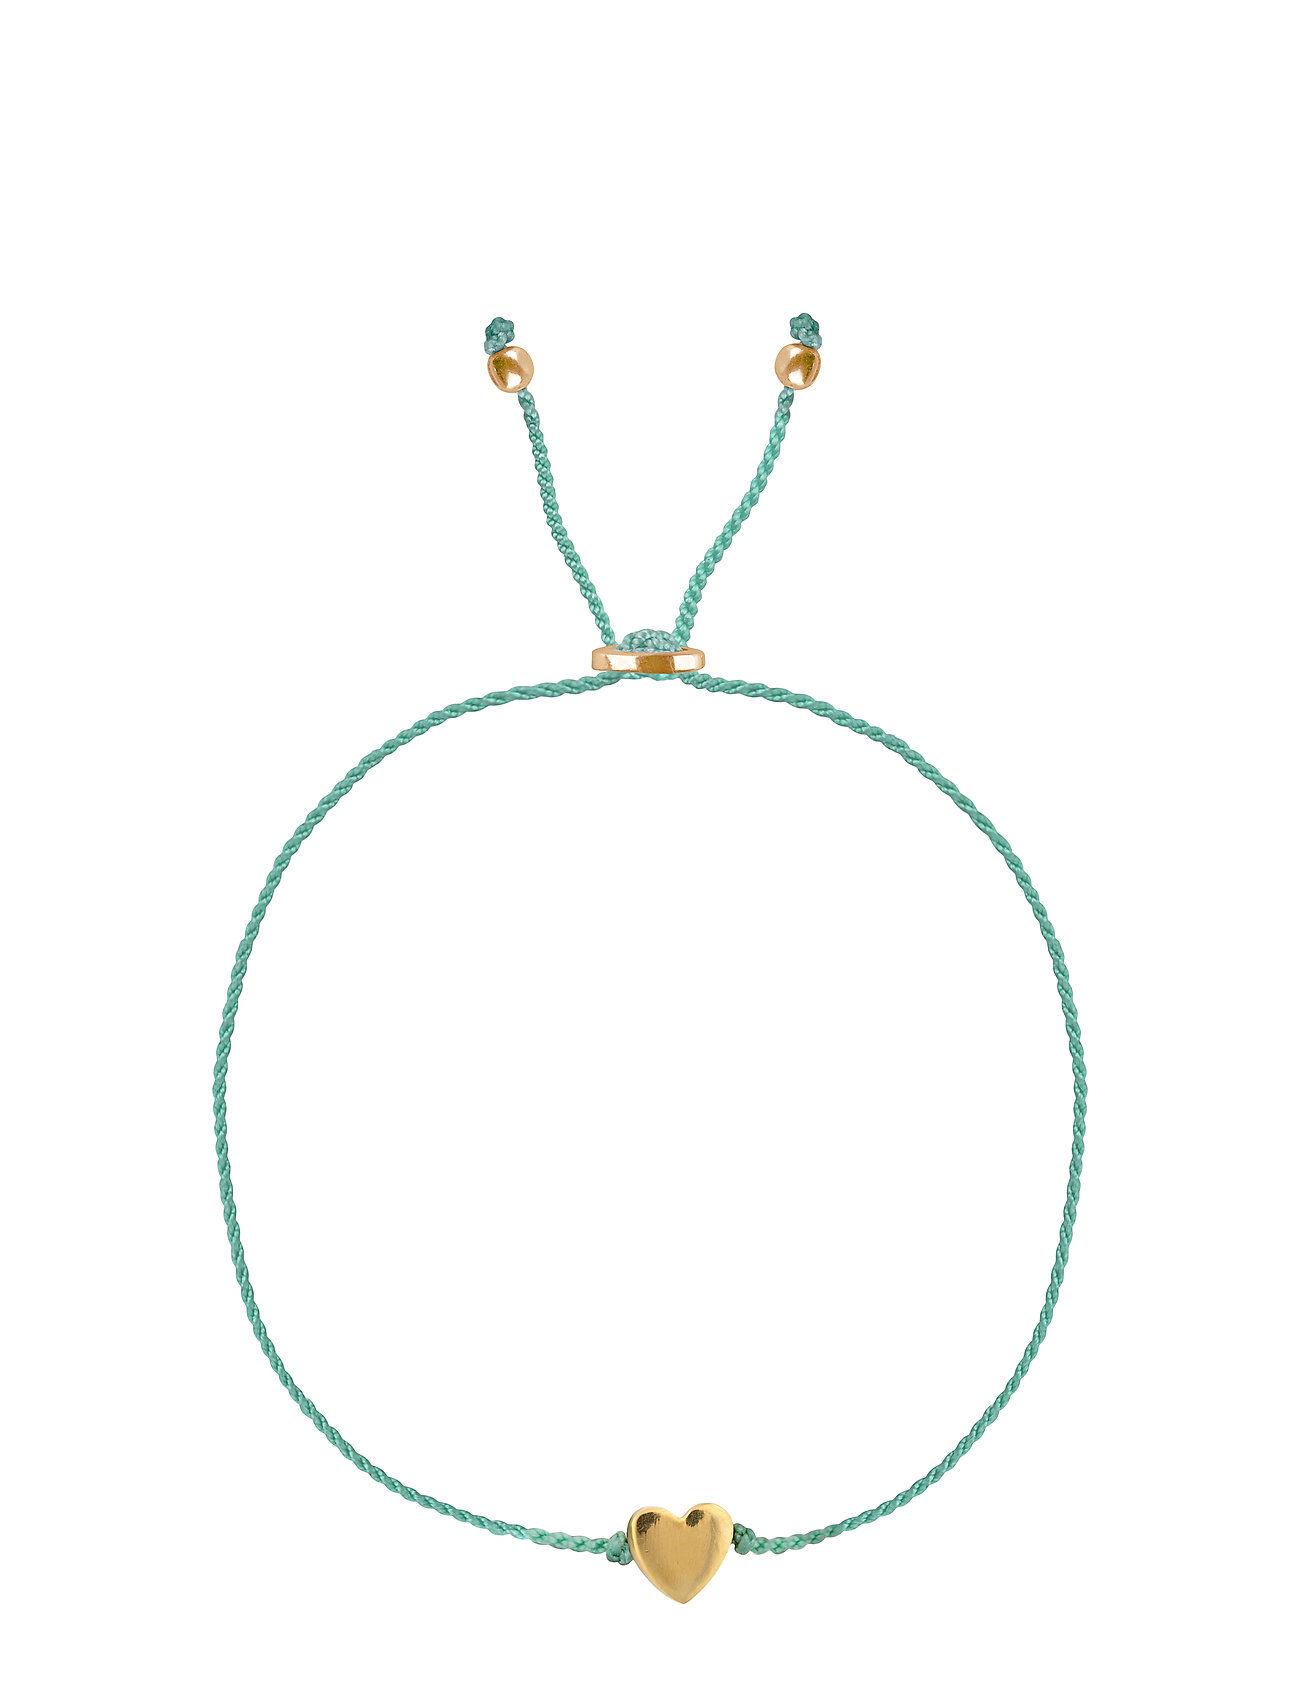 Syster P Sparkle Bracelet Heart Gold Aqua